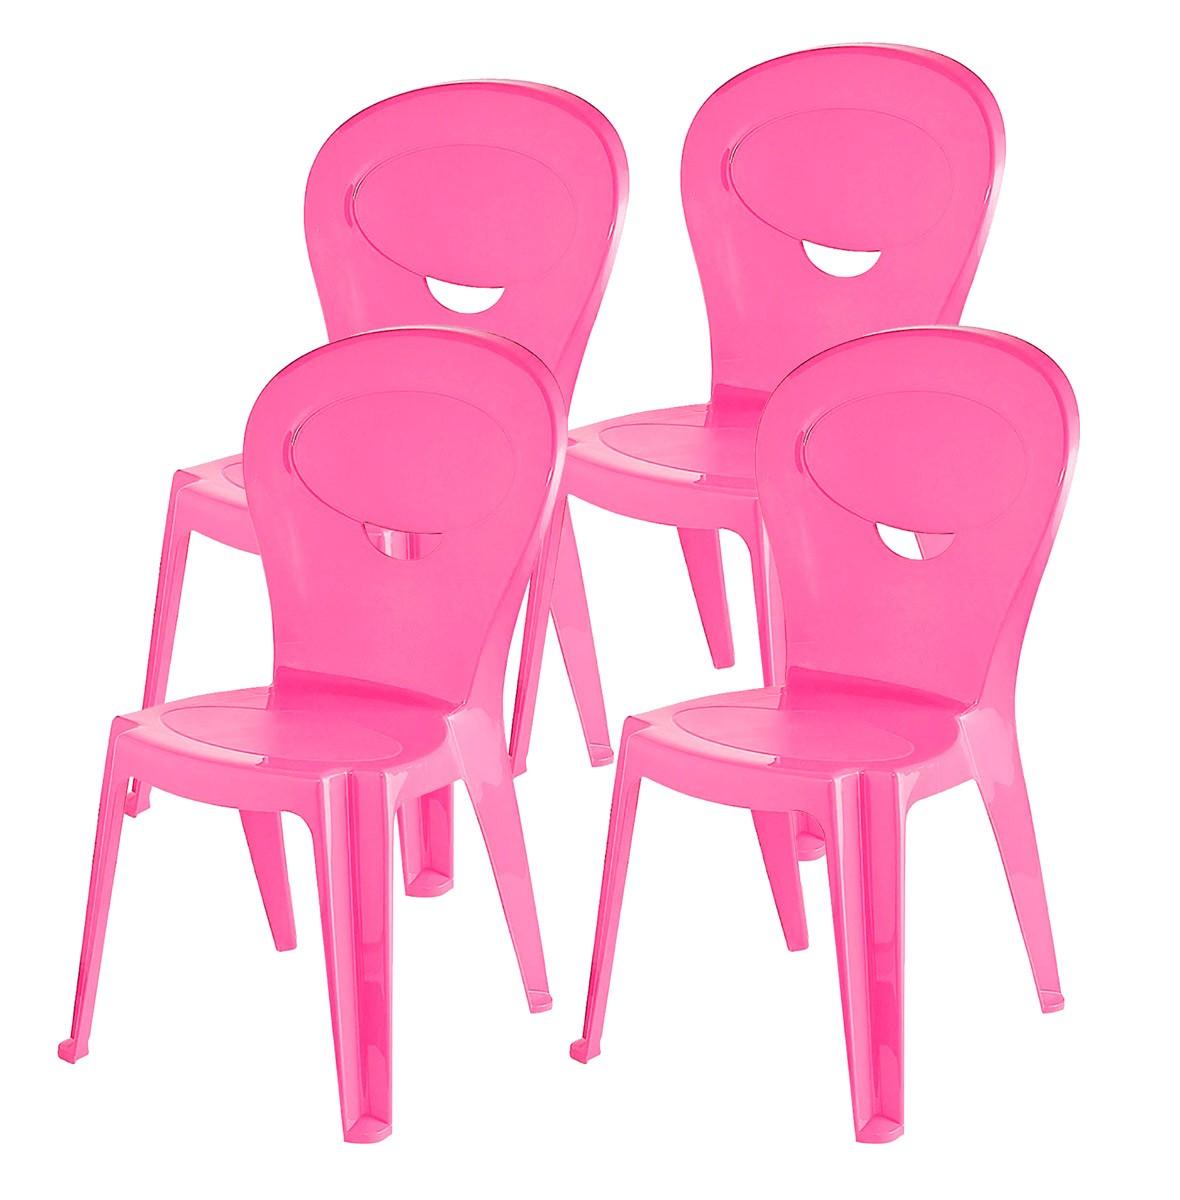 Kit 4 Cadeiras Infantil Vice Rosa - Ponta de estoque